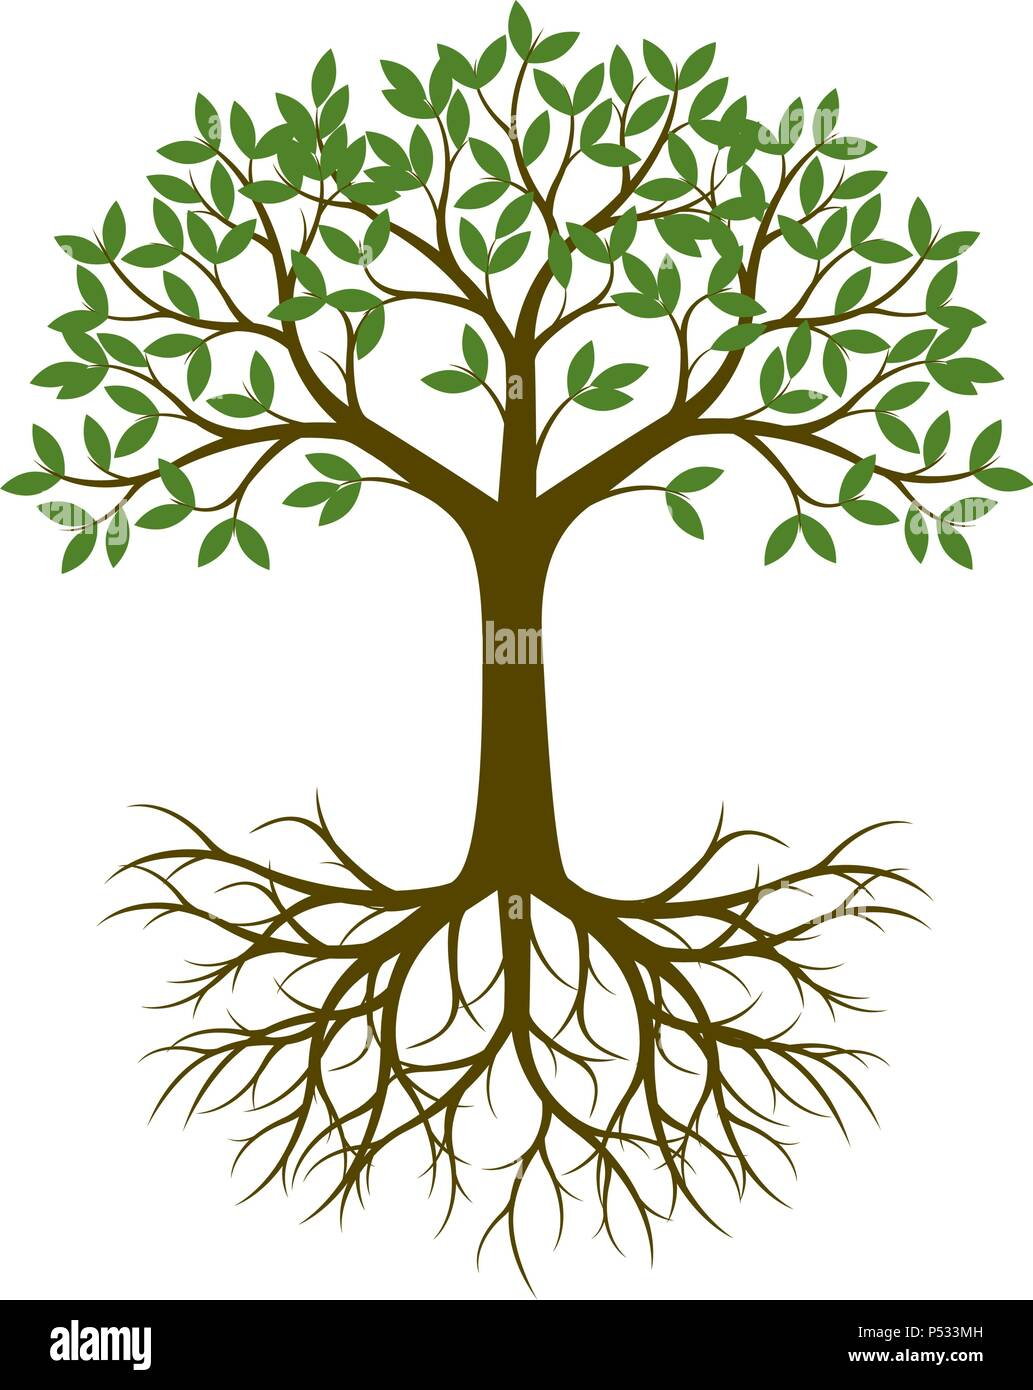 Arbre Avec Racine arbre vert avec racine. vector illustration vecteurs et illustration